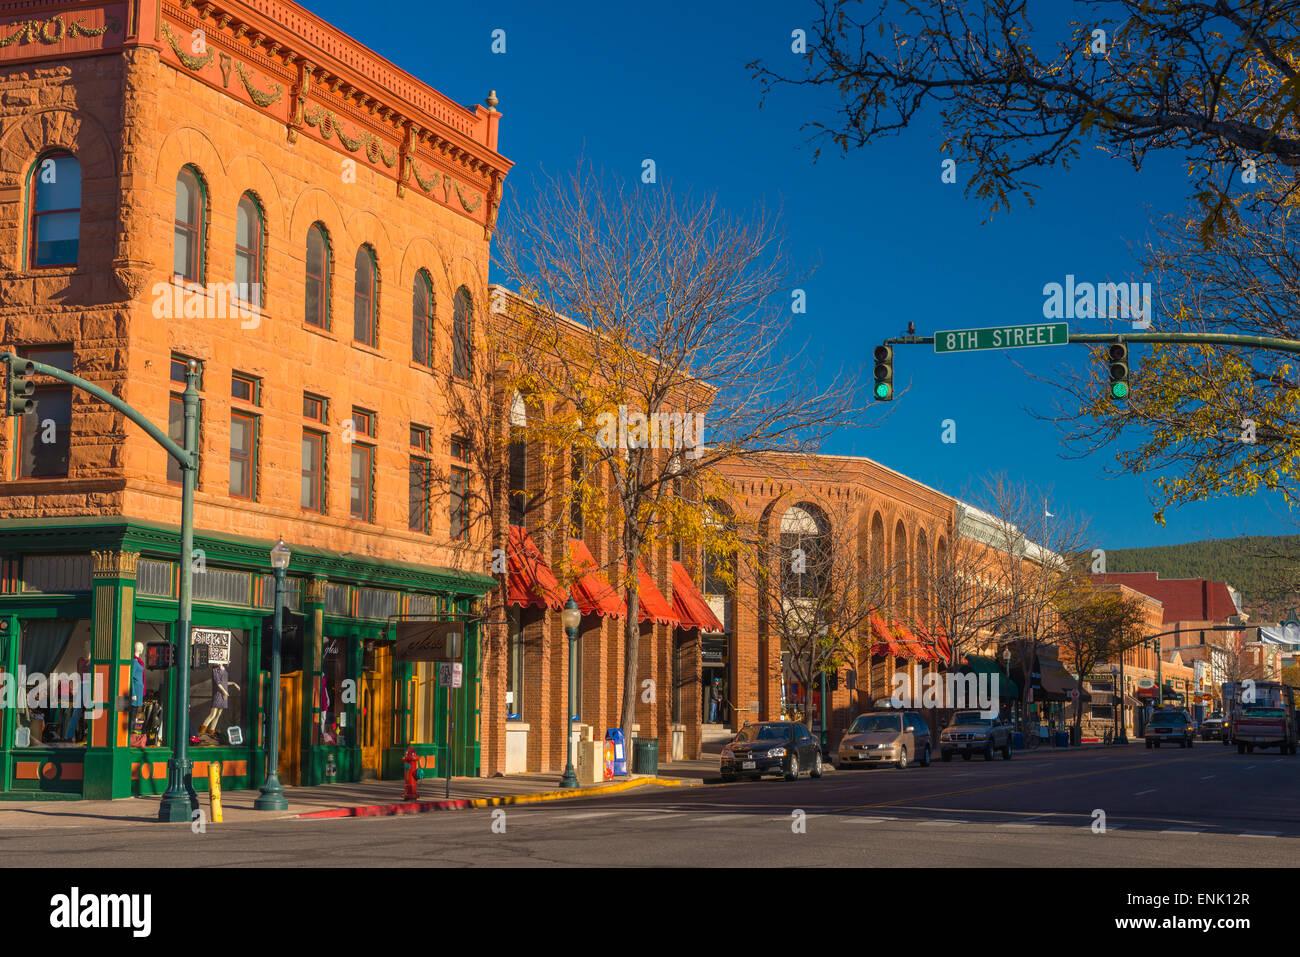 L'avenue principale, Durango, Colorado, États-Unis d'Amérique, Amérique du Nord Banque D'Images